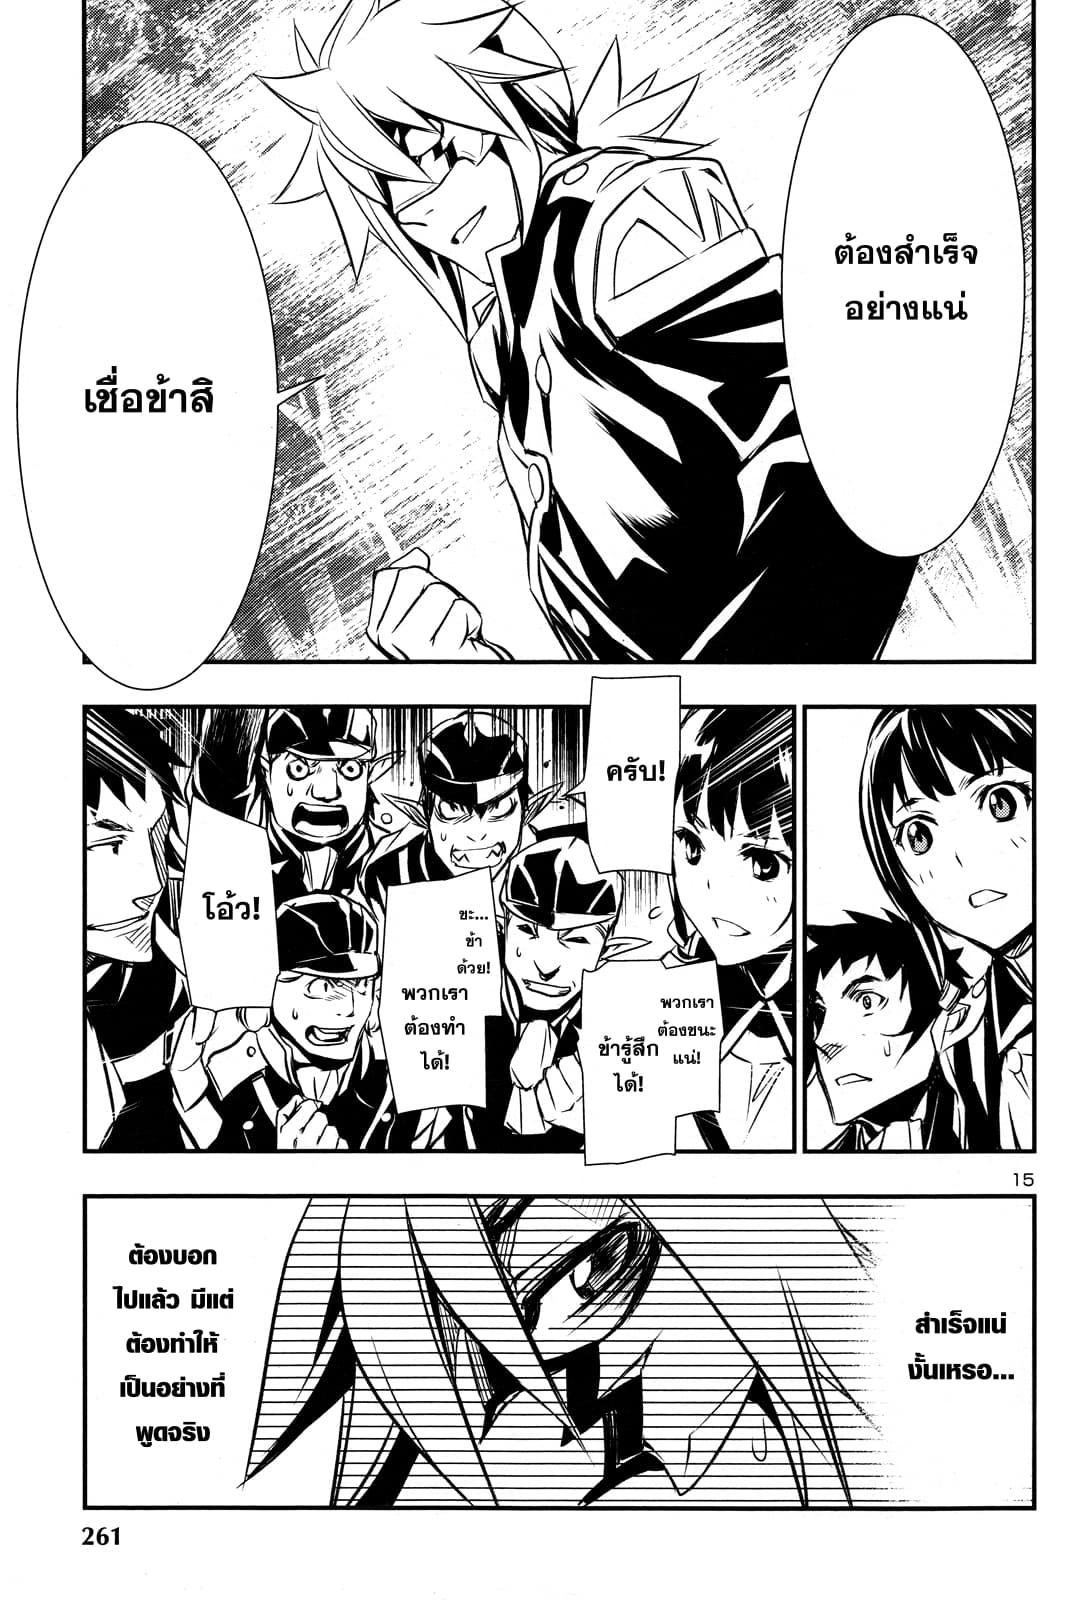 อ่านการ์ตูน Shinju no Nectar ตอนที่ 6 หน้าที่ 15